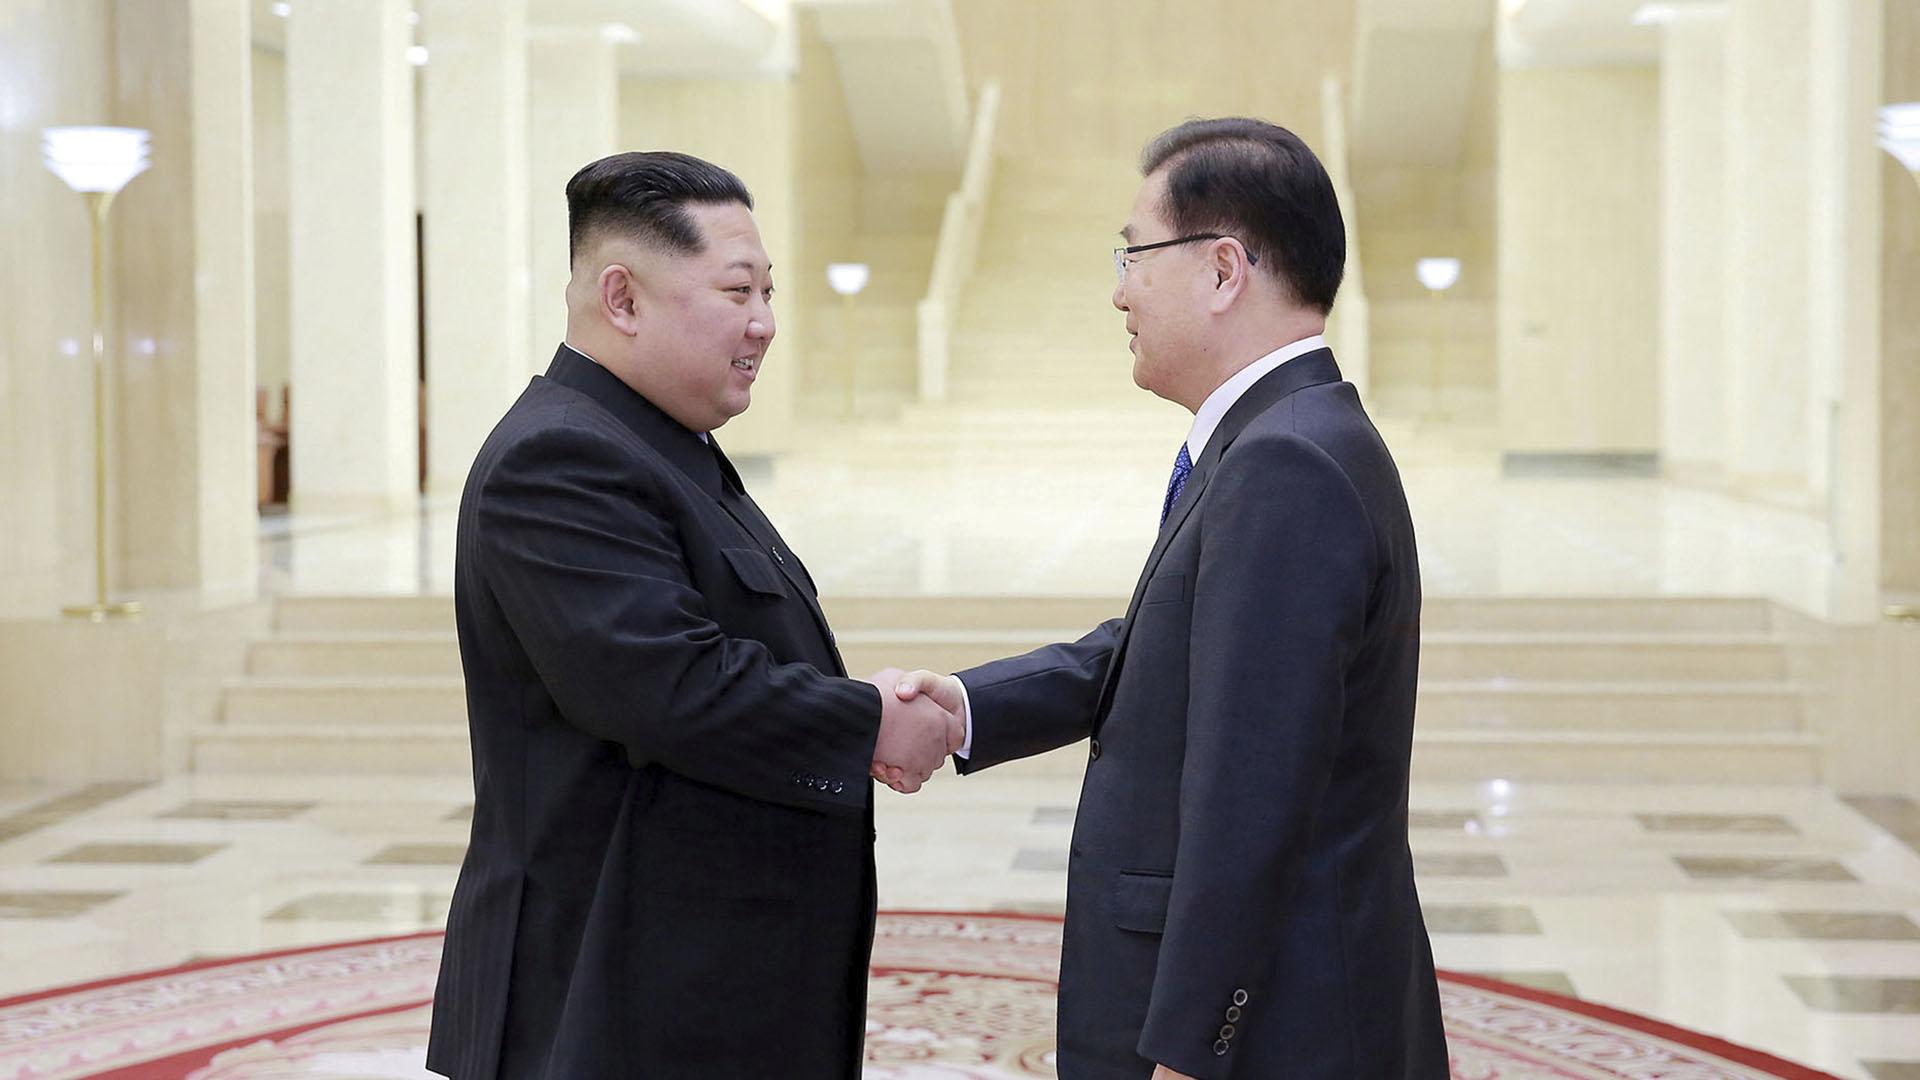 """El encuentro en la sede del Partido de los Trabajadores, que supuso la primera vez que funcionarios surcoreanos visitaban ese lugar, fue valorado por ambas partes como """"satisfactorio"""" y supone un avance más en el acercamiento entre las dos Coreas iniciado a principios de año"""